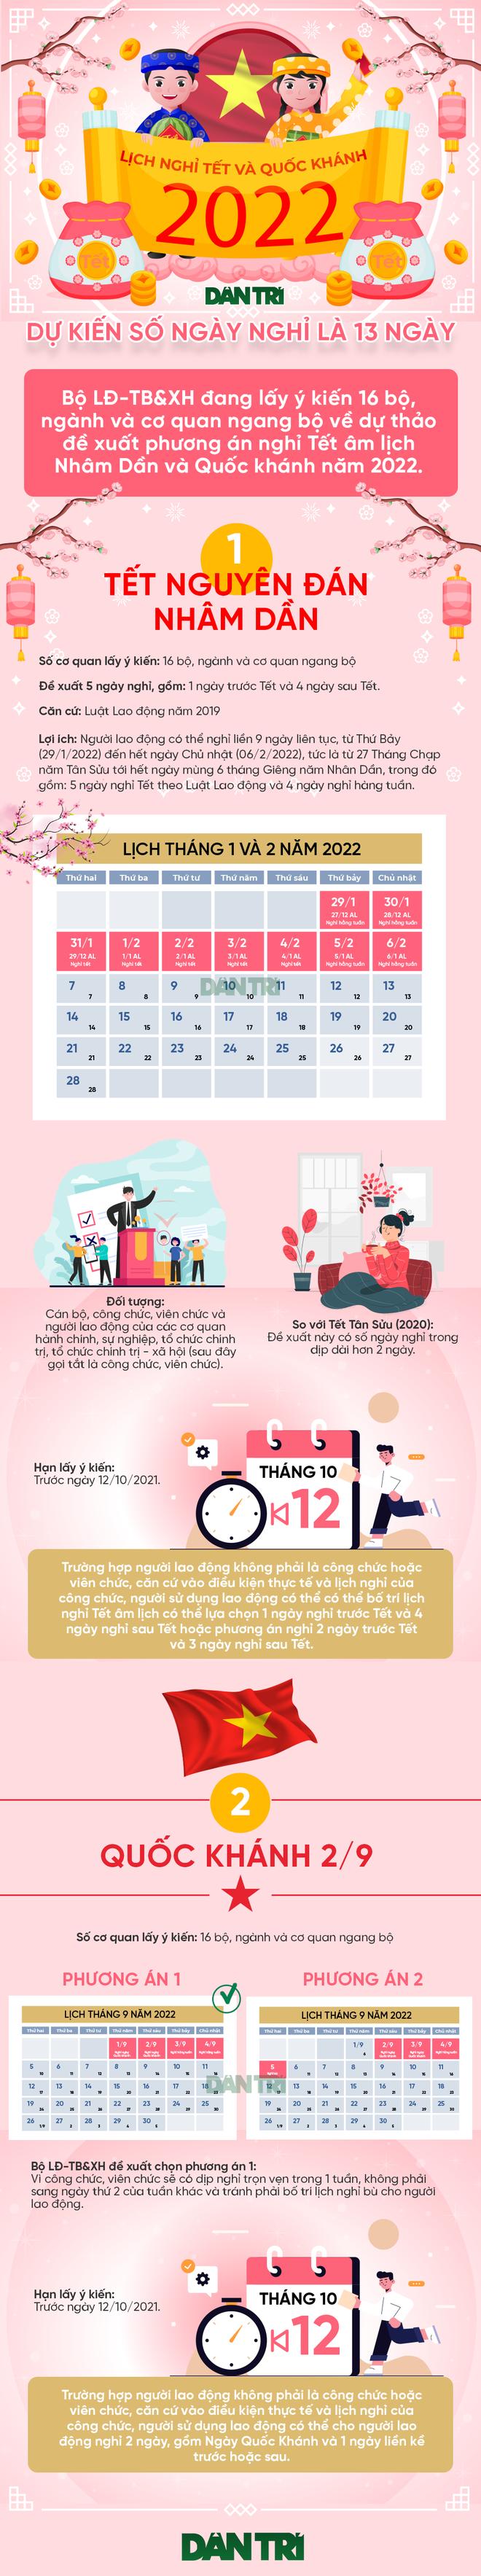 Đề xuất 7 ngày nghỉ chính thức dịp Tết Nguyên đán và Quốc khánh 2022 - 1